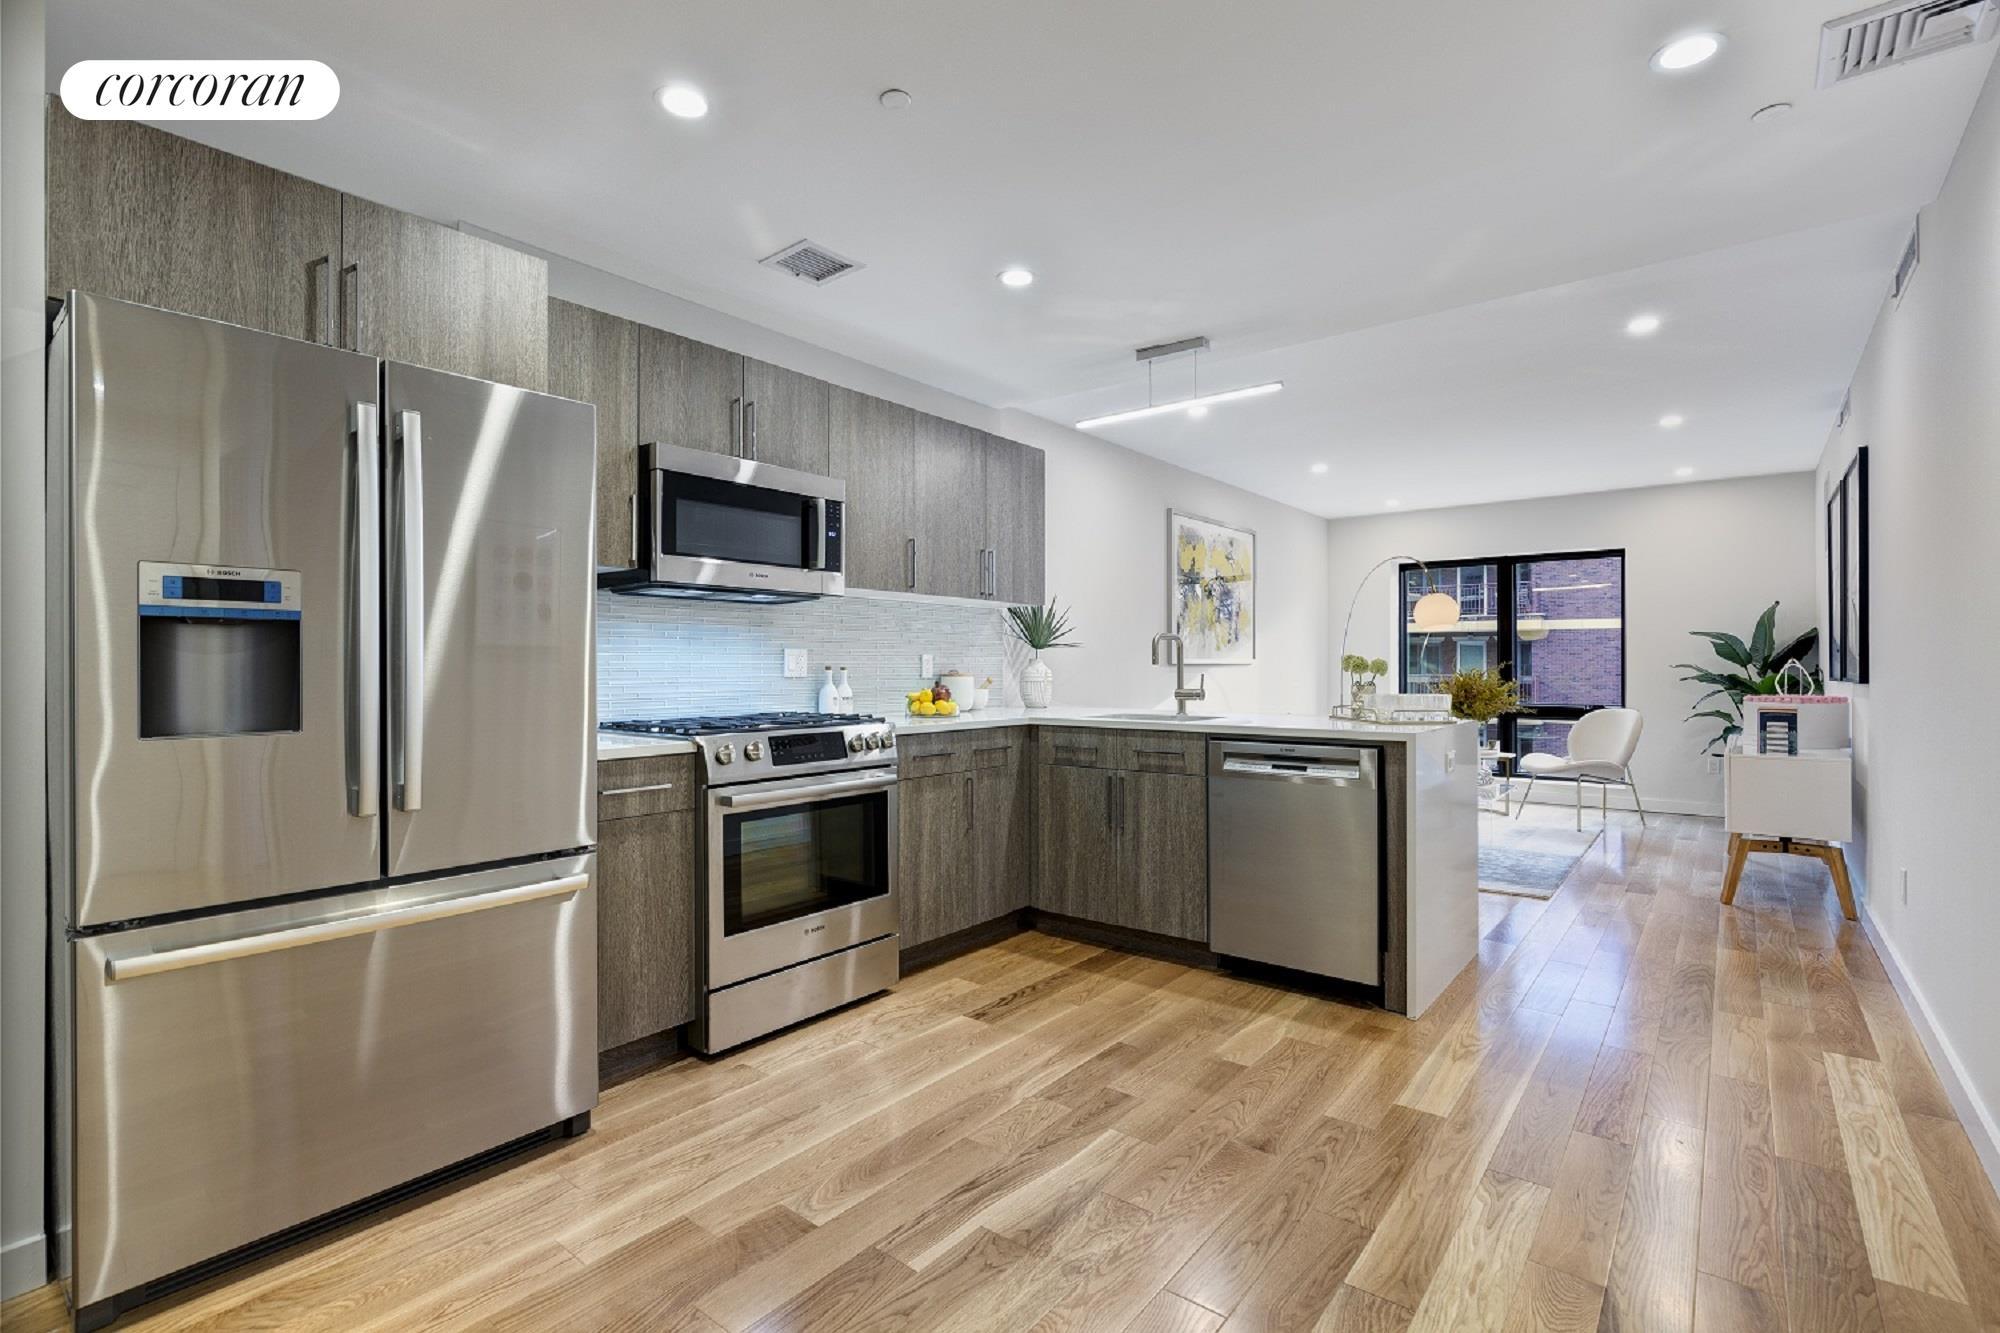 Condominium for Sale at Verona Condominium, 21-17 31st Avenue 6-H 21-17 31st Avenue Queens, New York 11106 United States